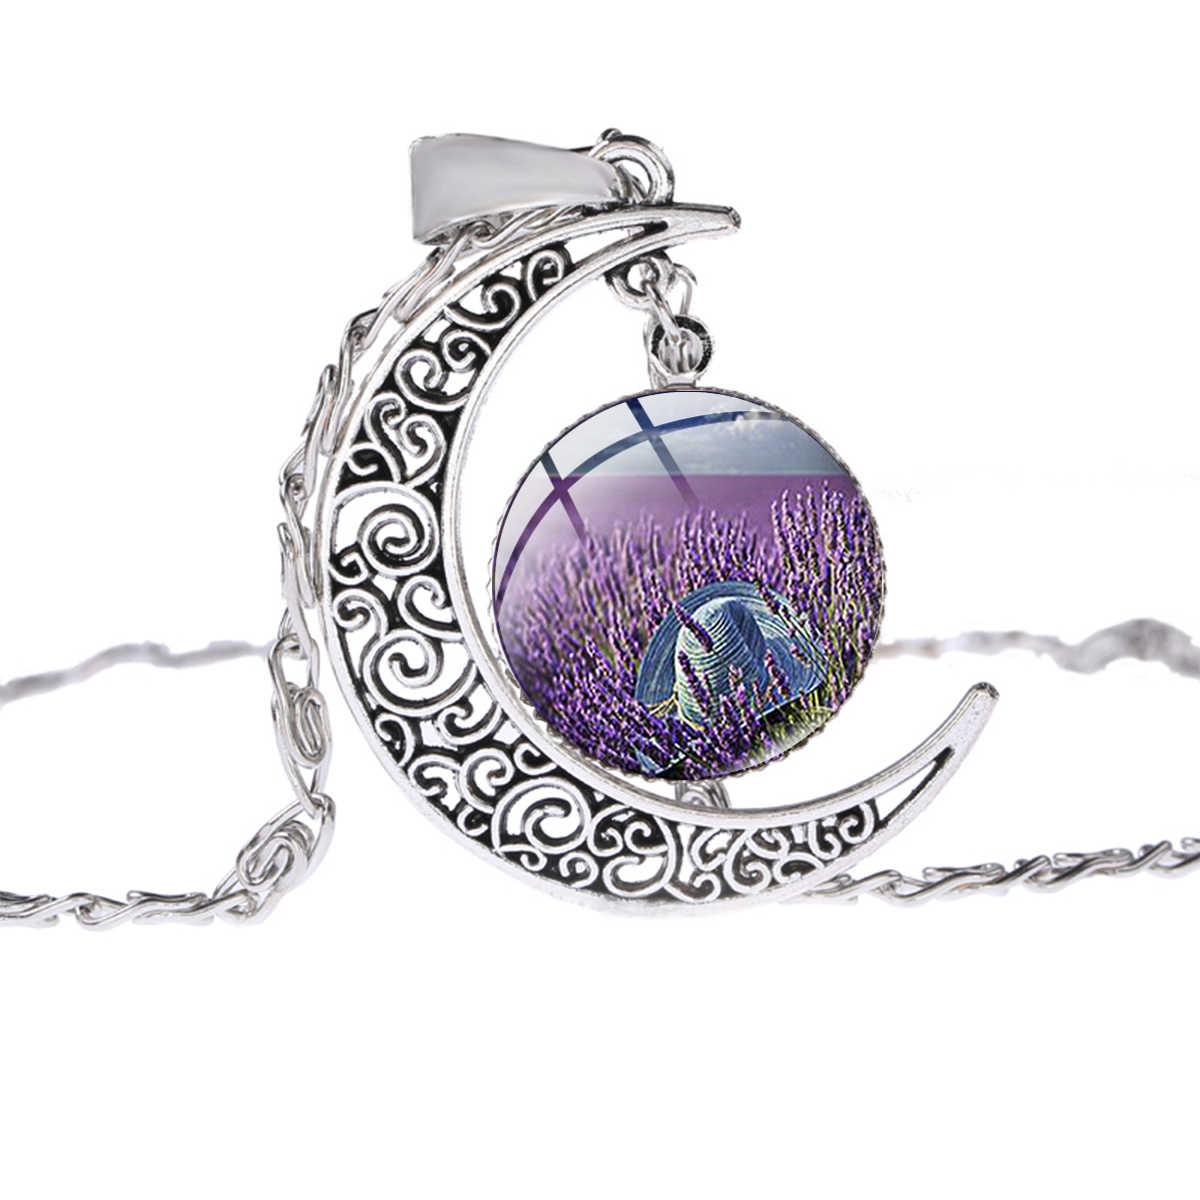 SONGDA Boho לבנדר שדה נוף שרשרת יד קרפט זכוכית כיפת תמונה ירח תליון כסף שרשרת תכשיטי מתנה נשים בנות